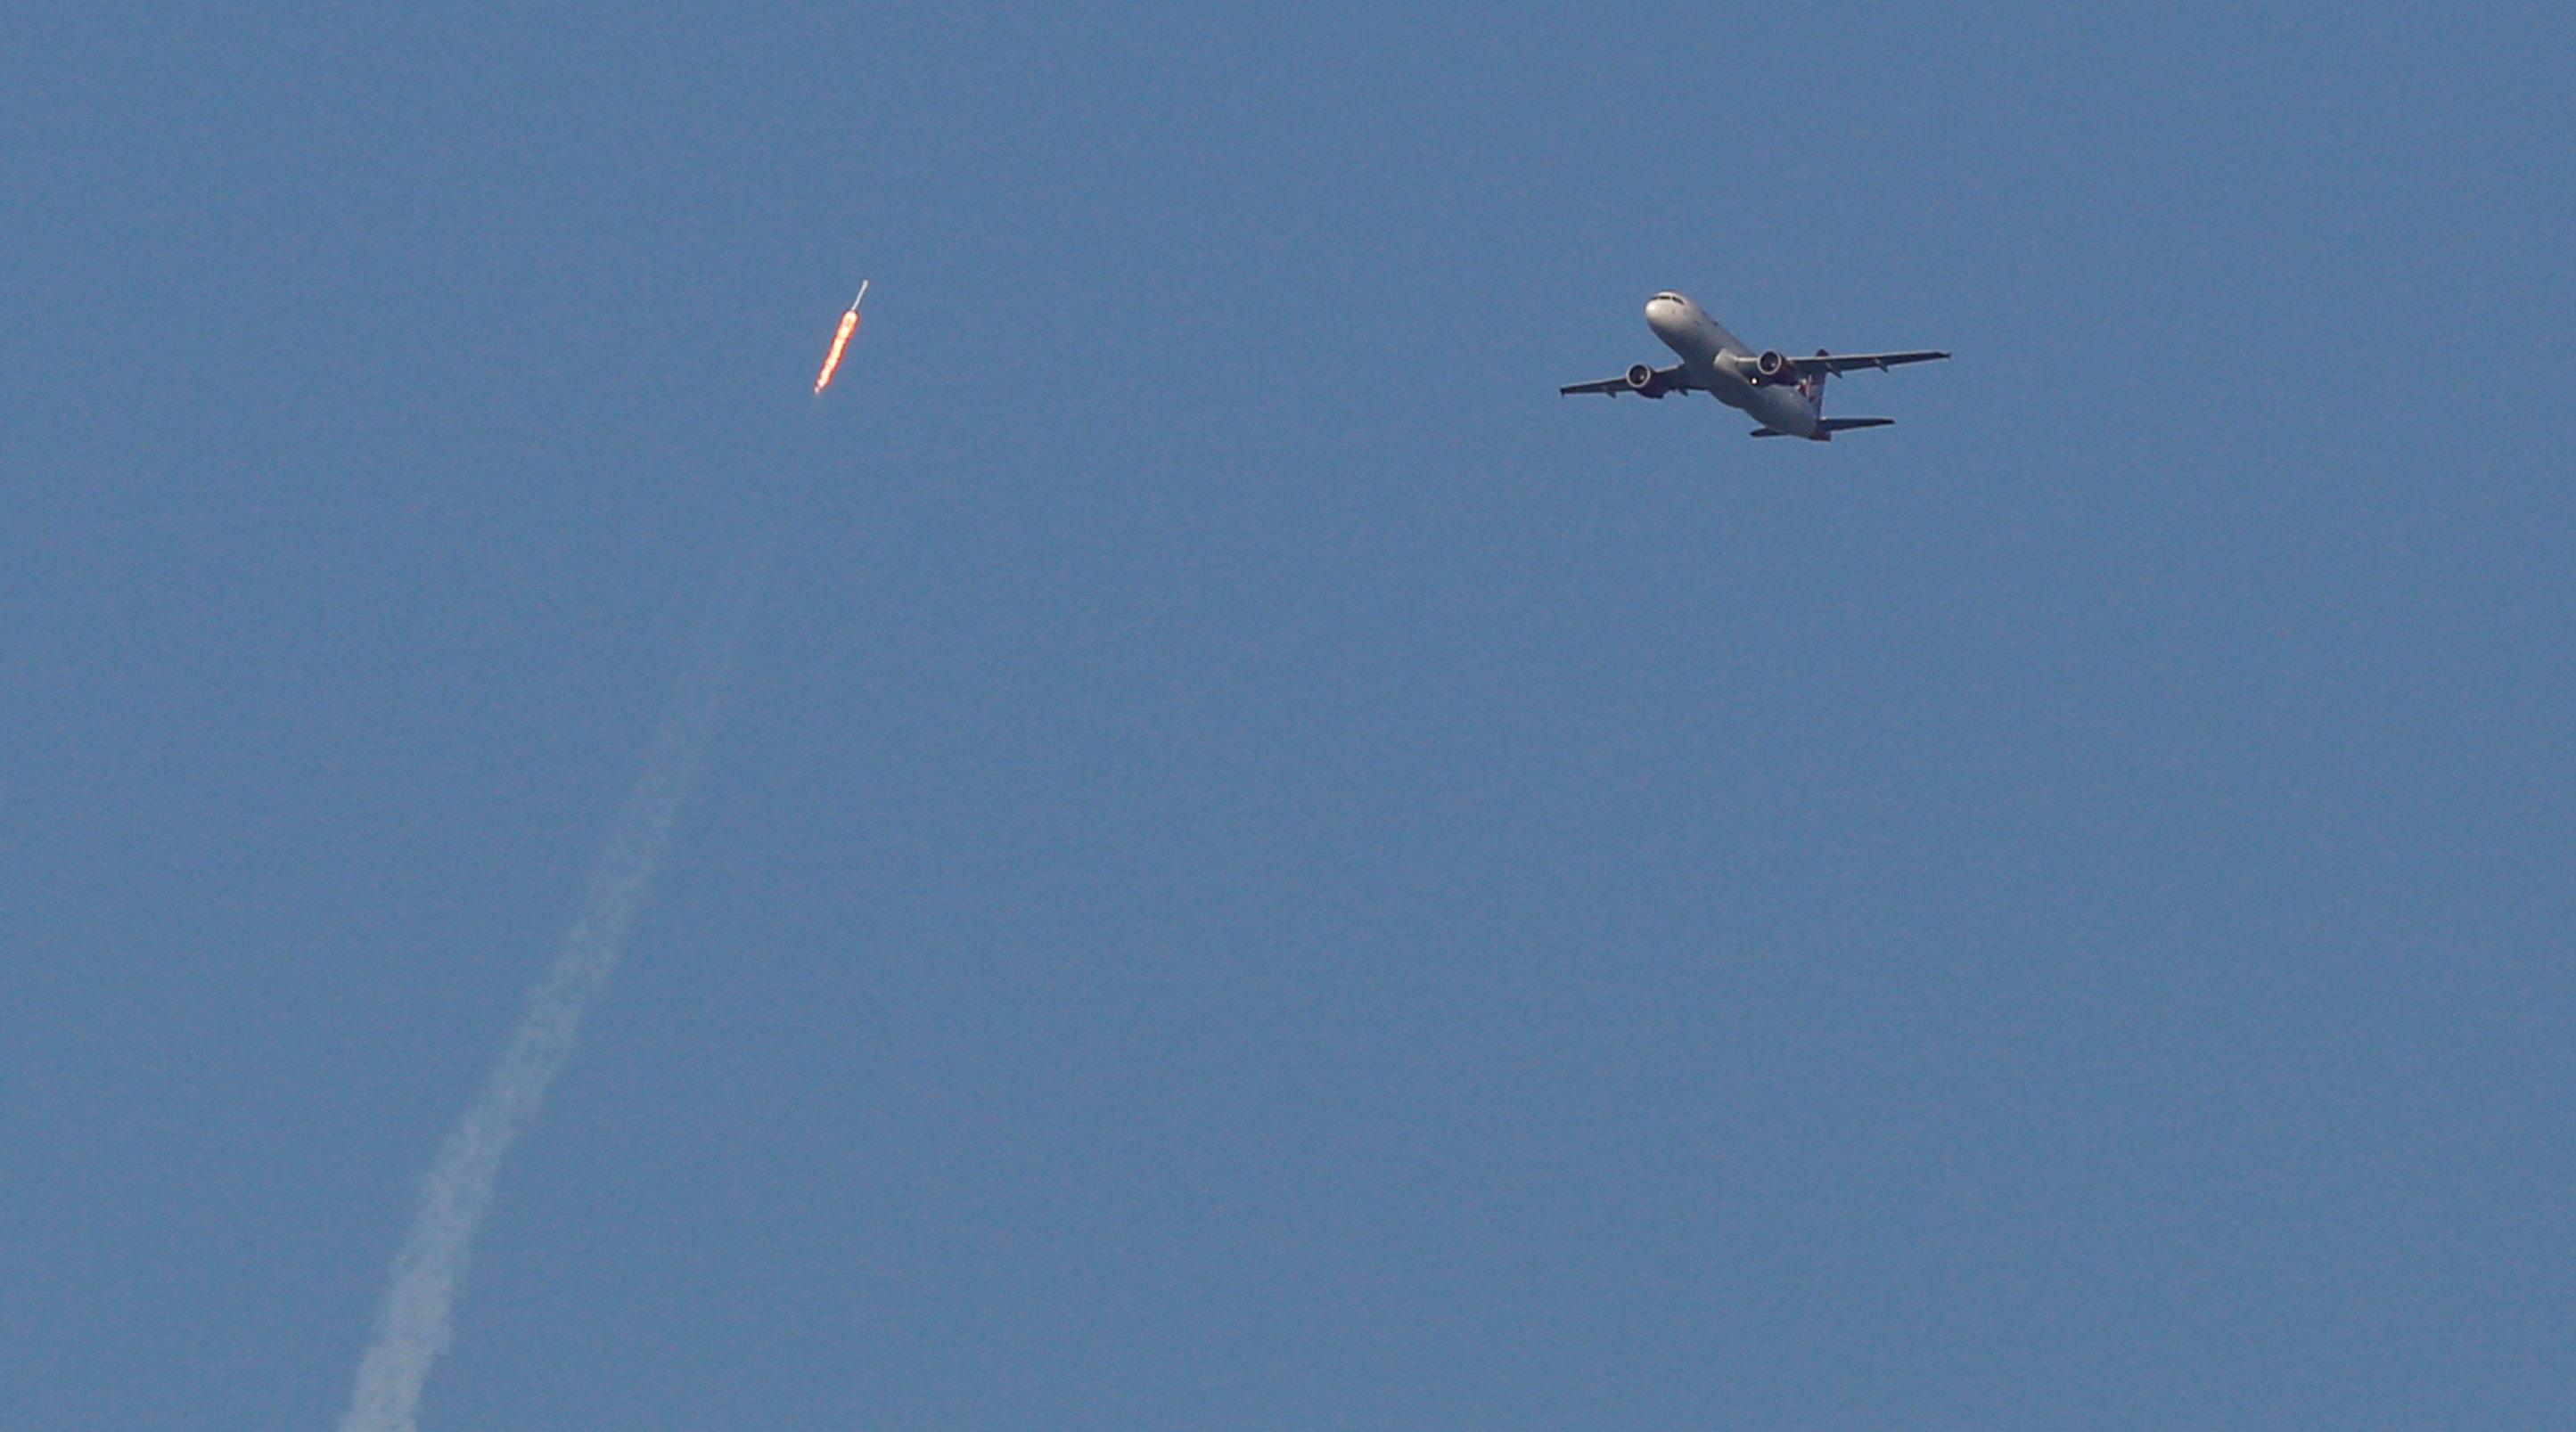 صاروخ صاروخ سبيس إكس ينطلق نحو الفضاء